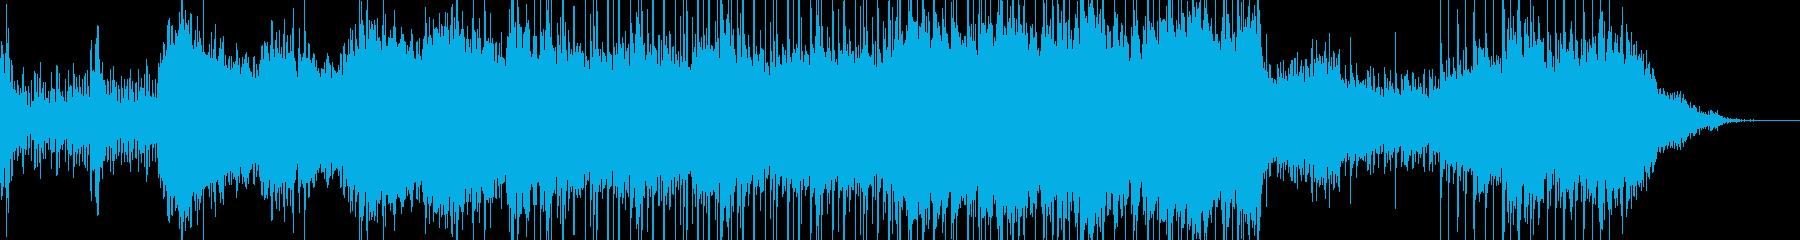 最後まで期待感を膨らませる展開がある楽曲の再生済みの波形